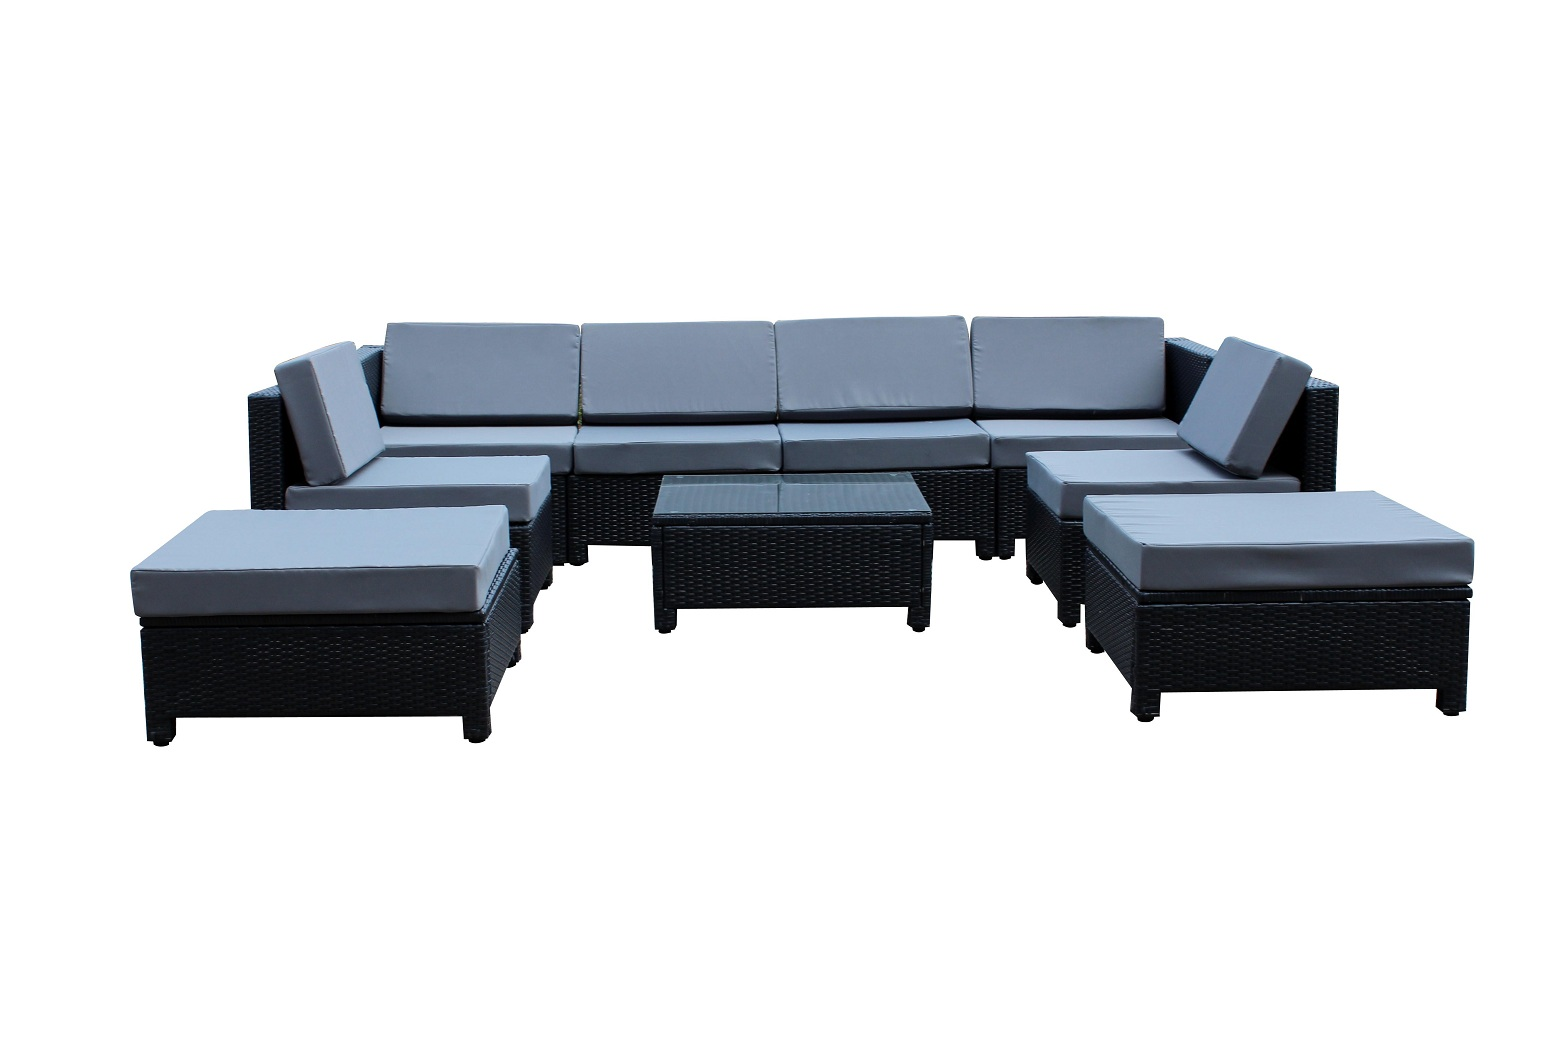 9pcs Luxury Black Wicker Patio Sectional Indoor Outdoor